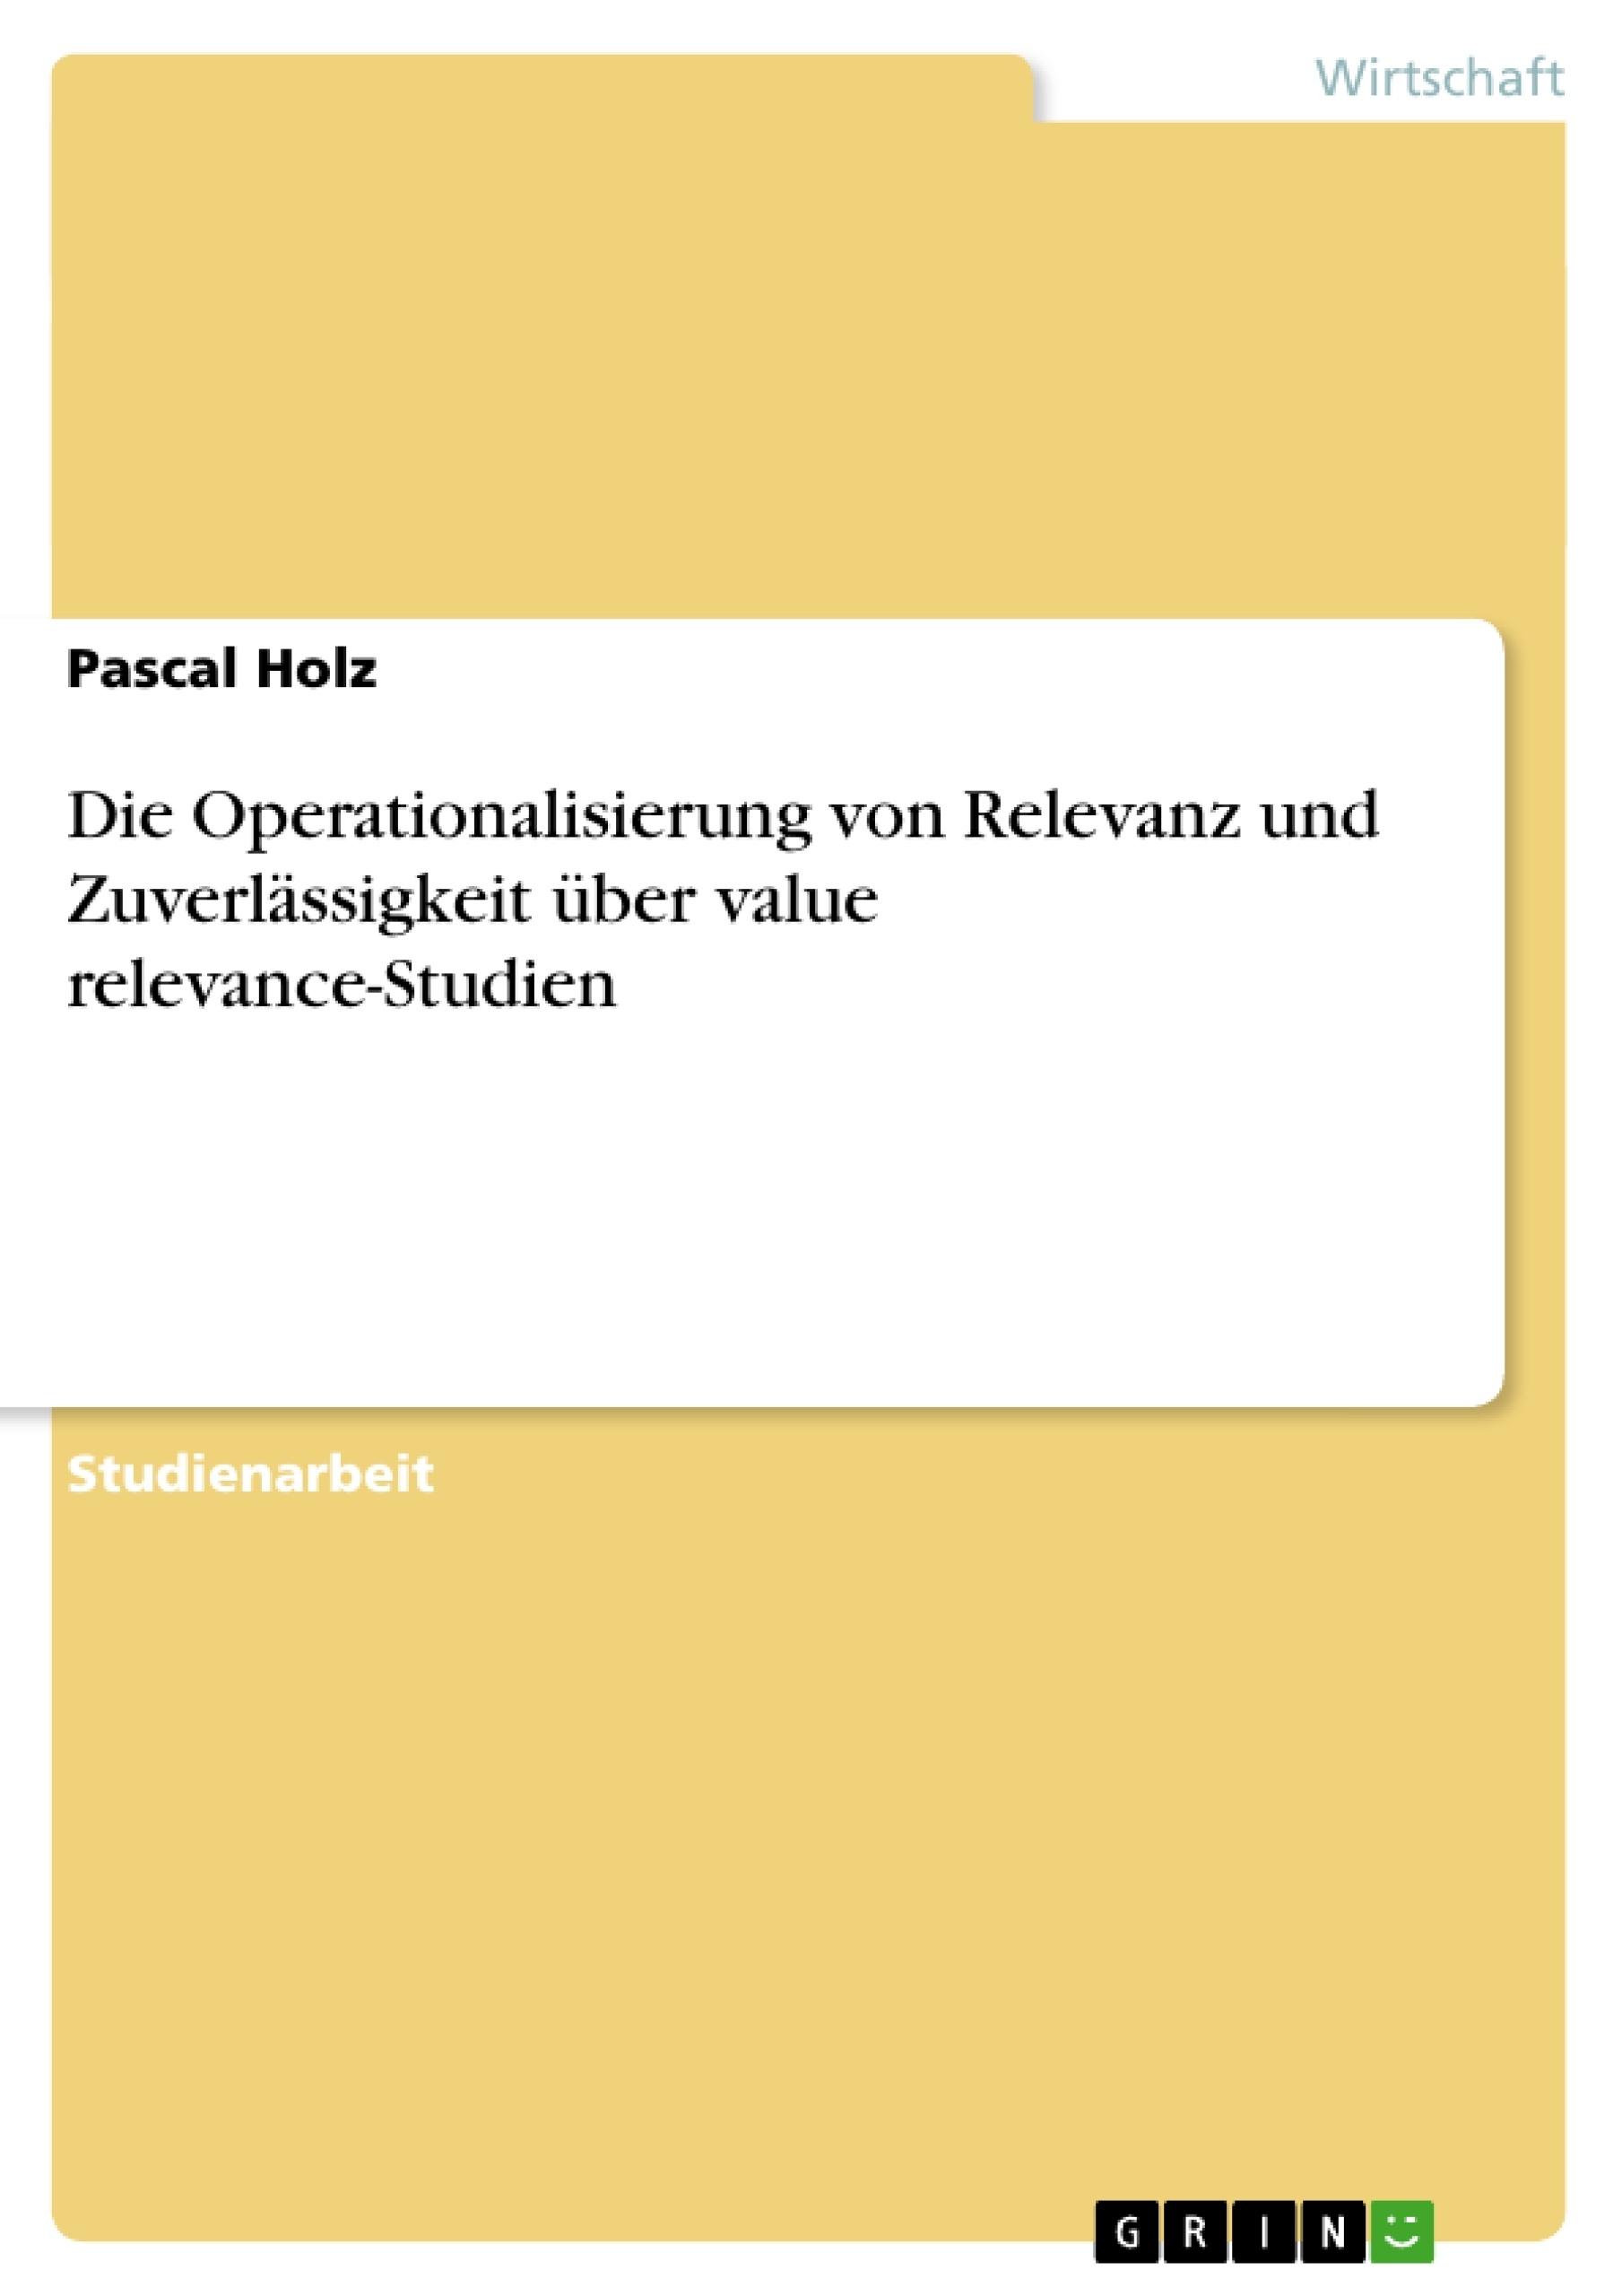 Titel: Die Operationalisierung von Relevanz und Zuverlässigkeit über value relevance-Studien